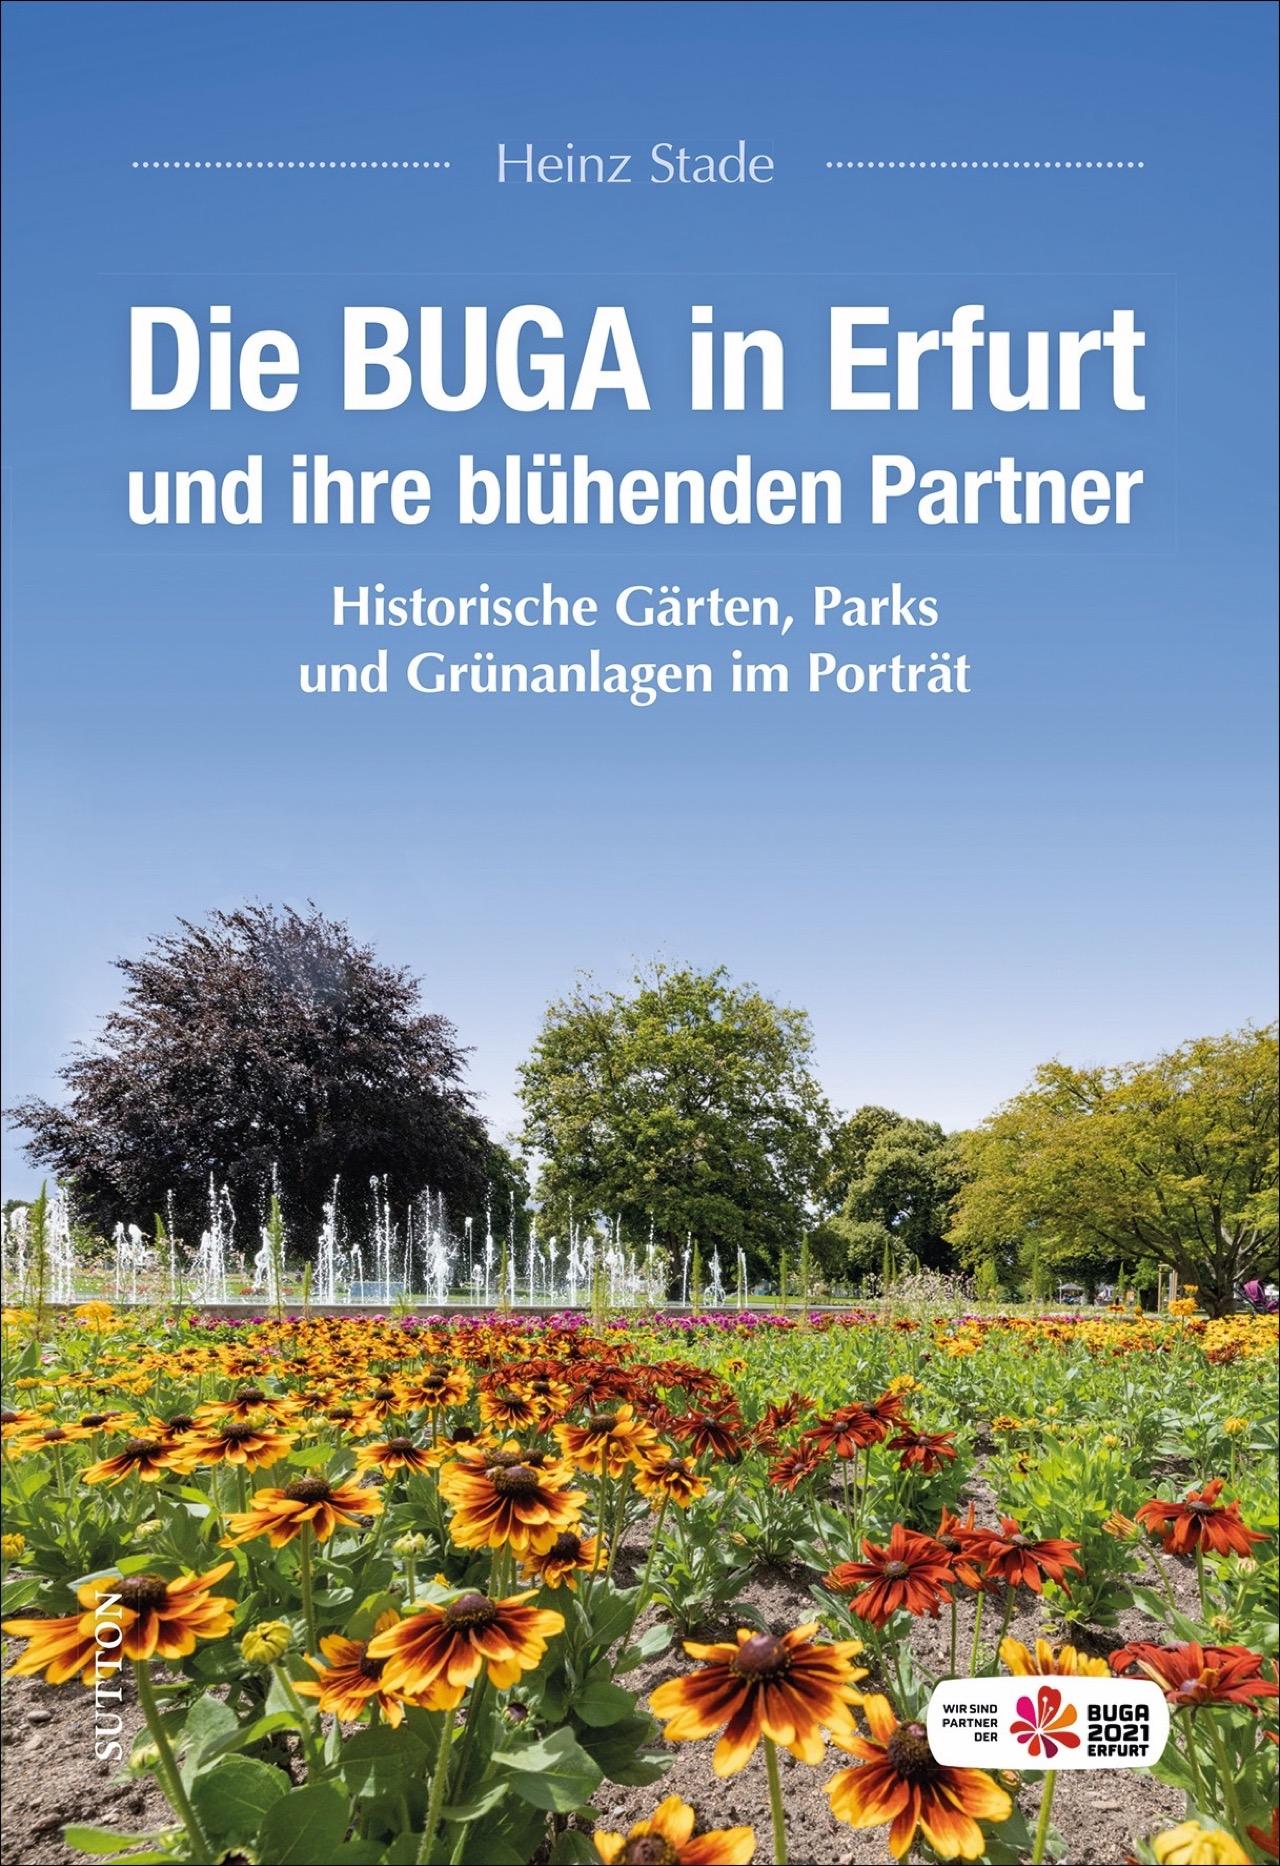 Die BUGA in Erfurt und ihre blühenden Partner